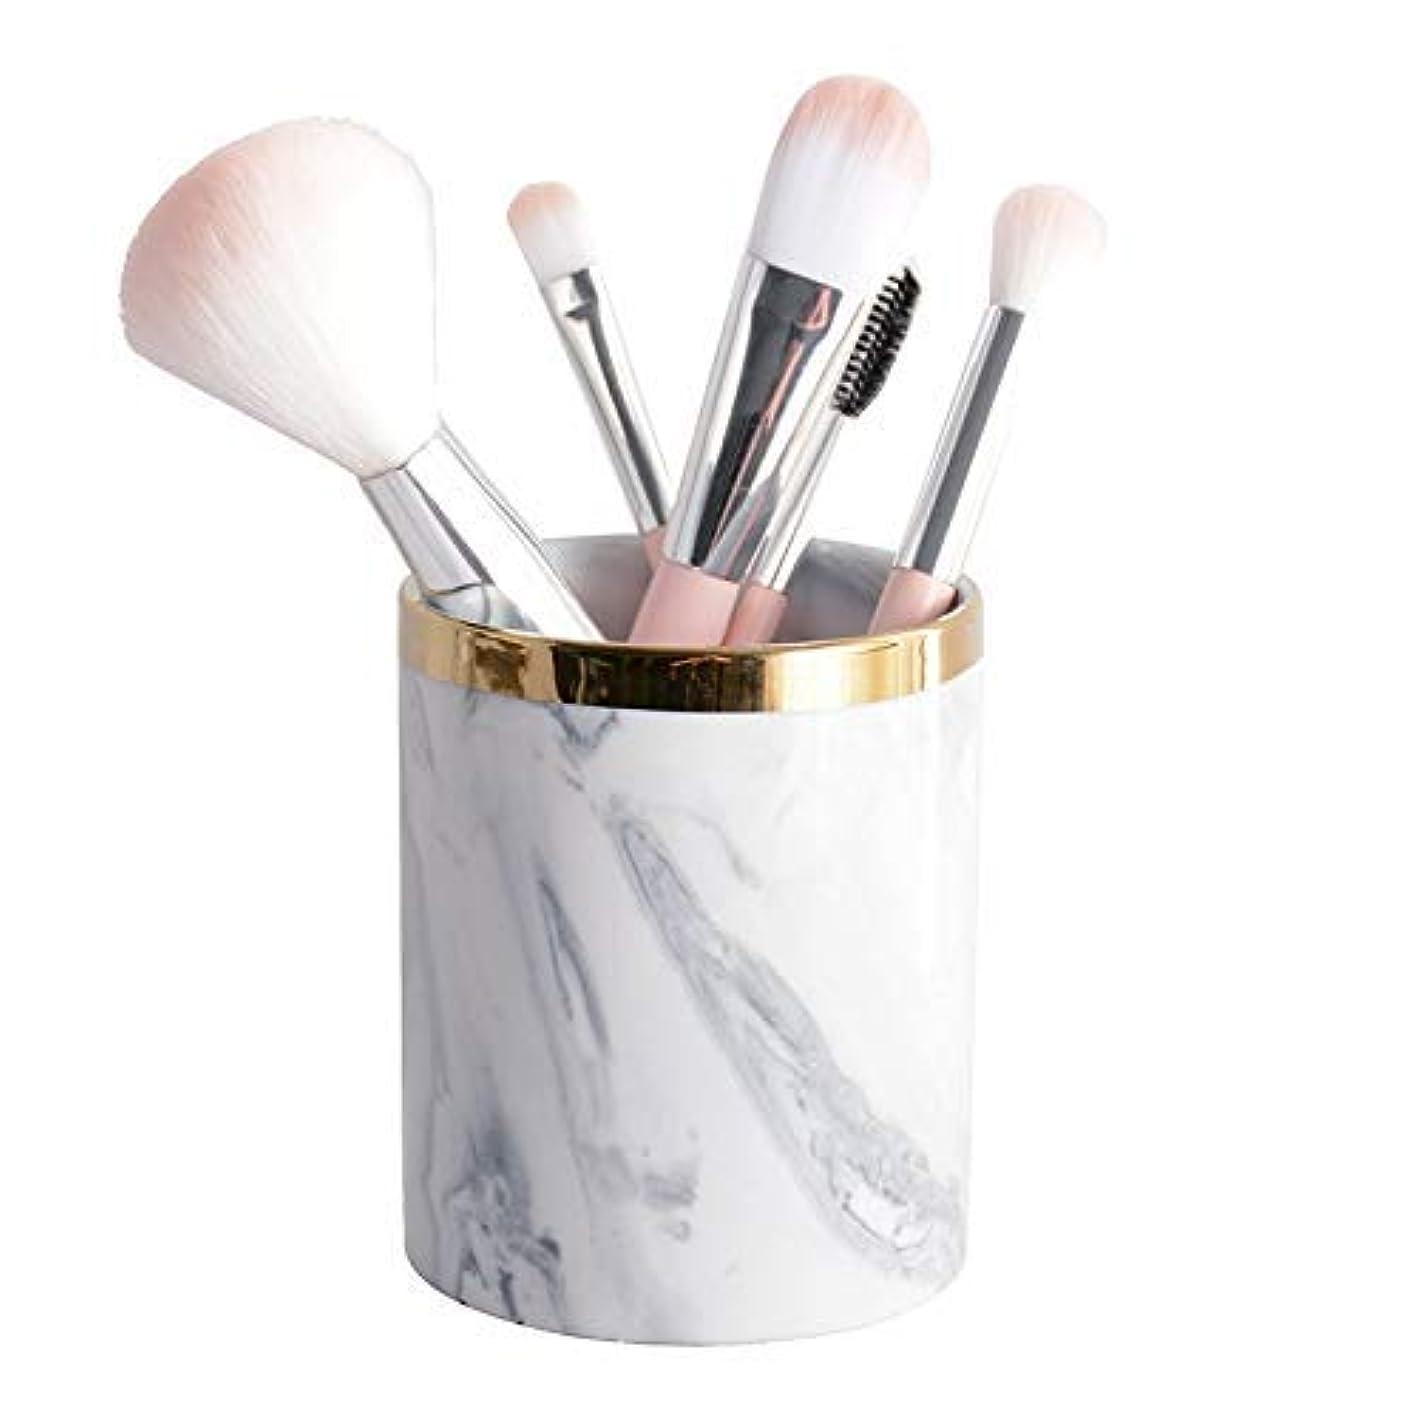 解説線形手メイクブラシケース 化粧ブラシホルダー 化粧筆?鉛筆ペンホルダー?文具収納ボックス 化粧品入れ 小物 多機能収納